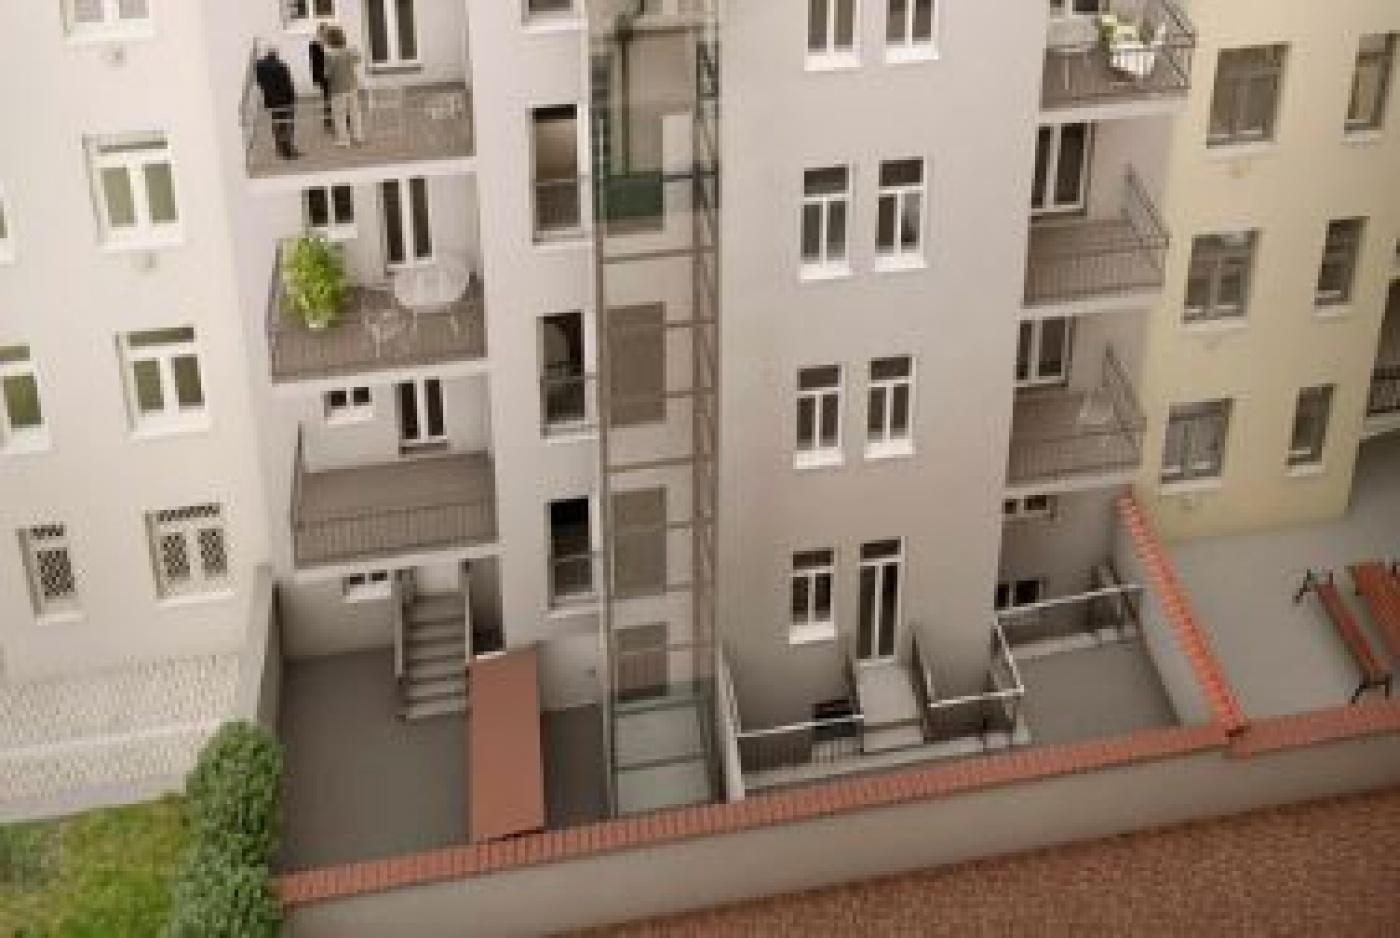 Půdní byt 2+kk, plocha 74 m², ulice Korunovační, Praha 7 - Bubeneč, cena 6 989 000 Kč | 3